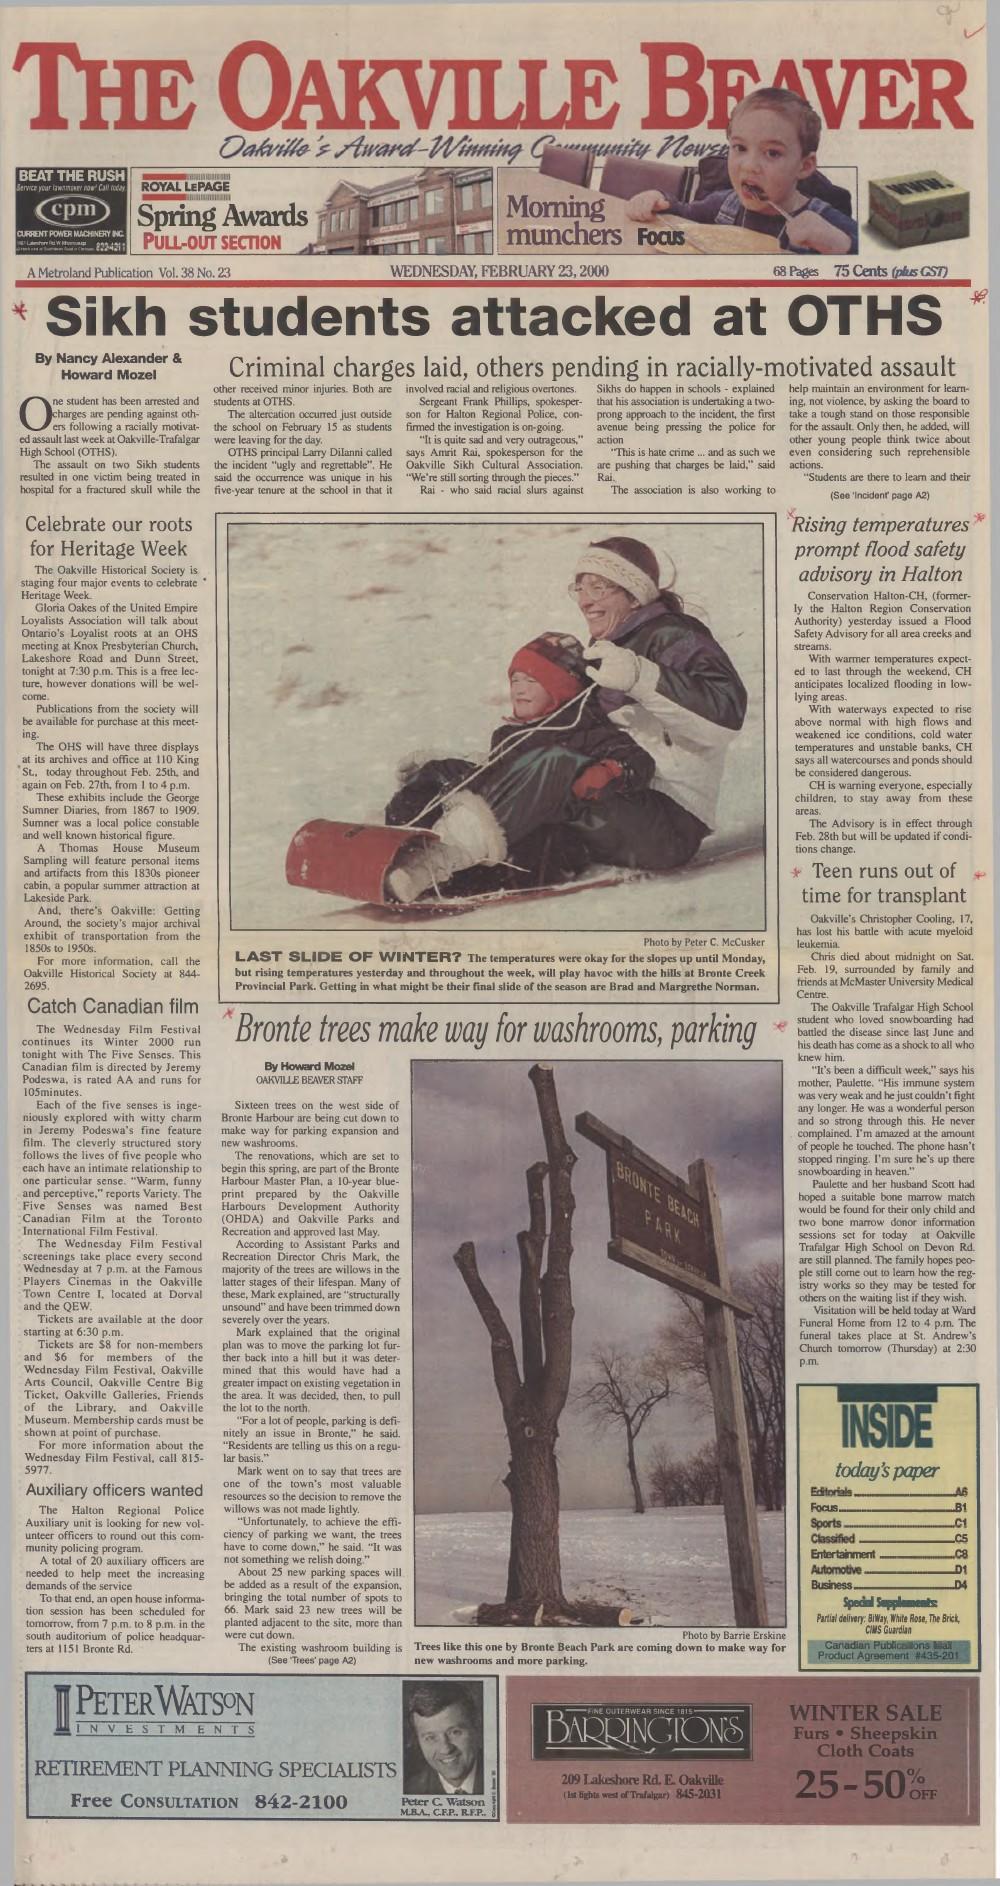 Oakville Beaver, 23 Feb 2000